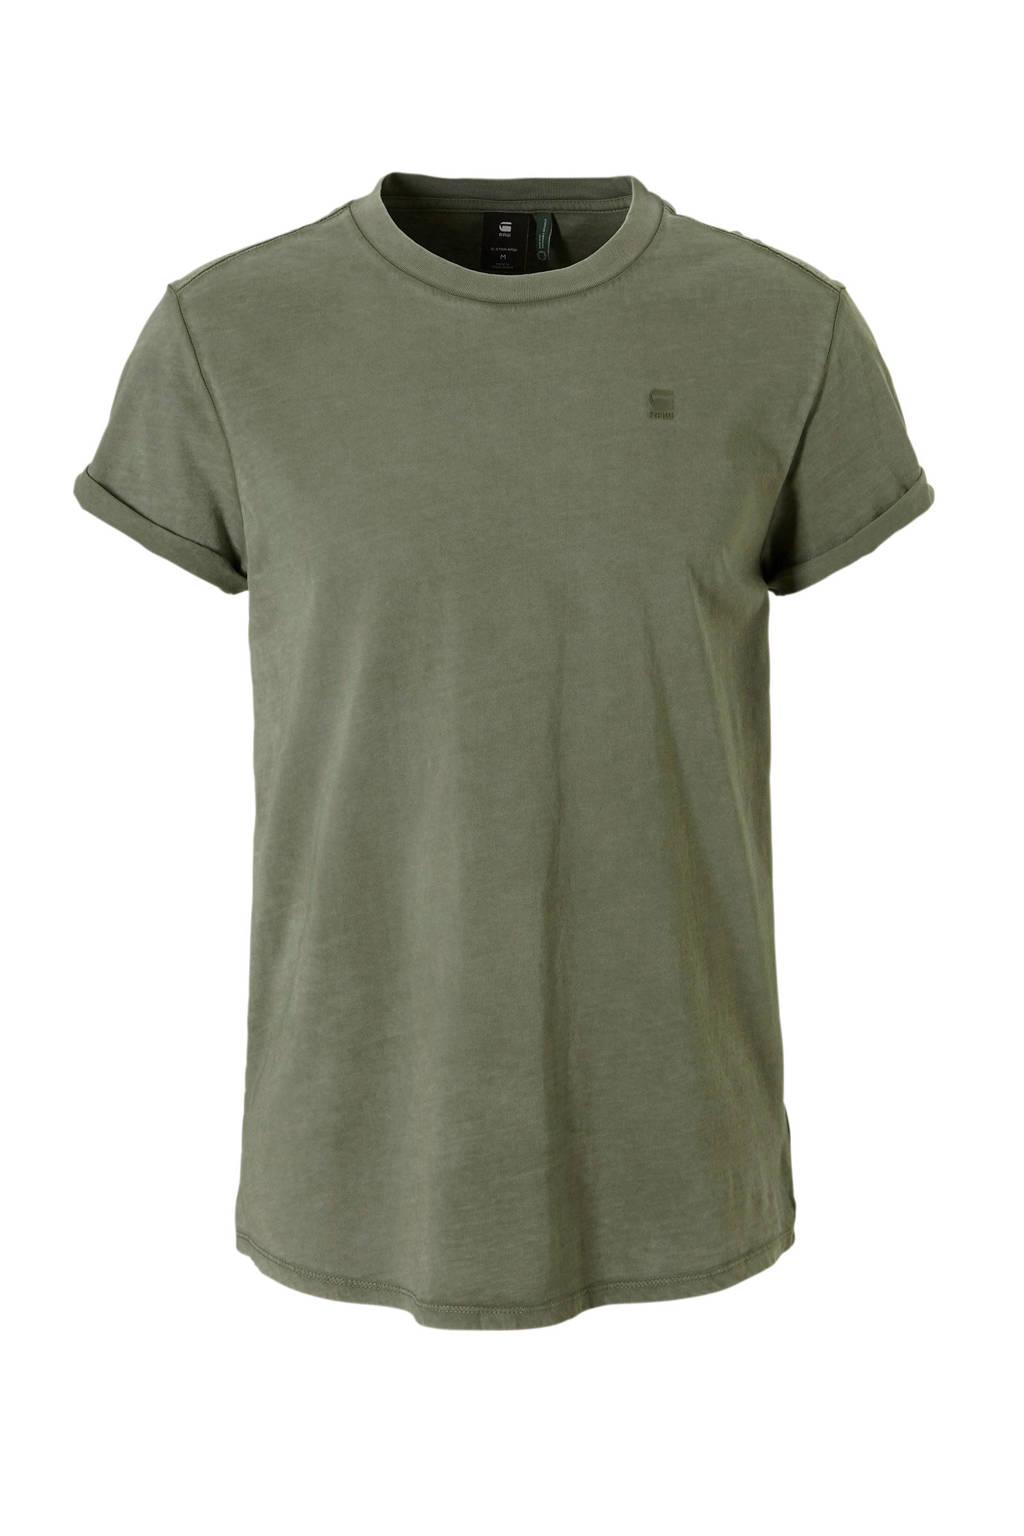 G-Star RAW T-shirt Shelo, Grijsgroen